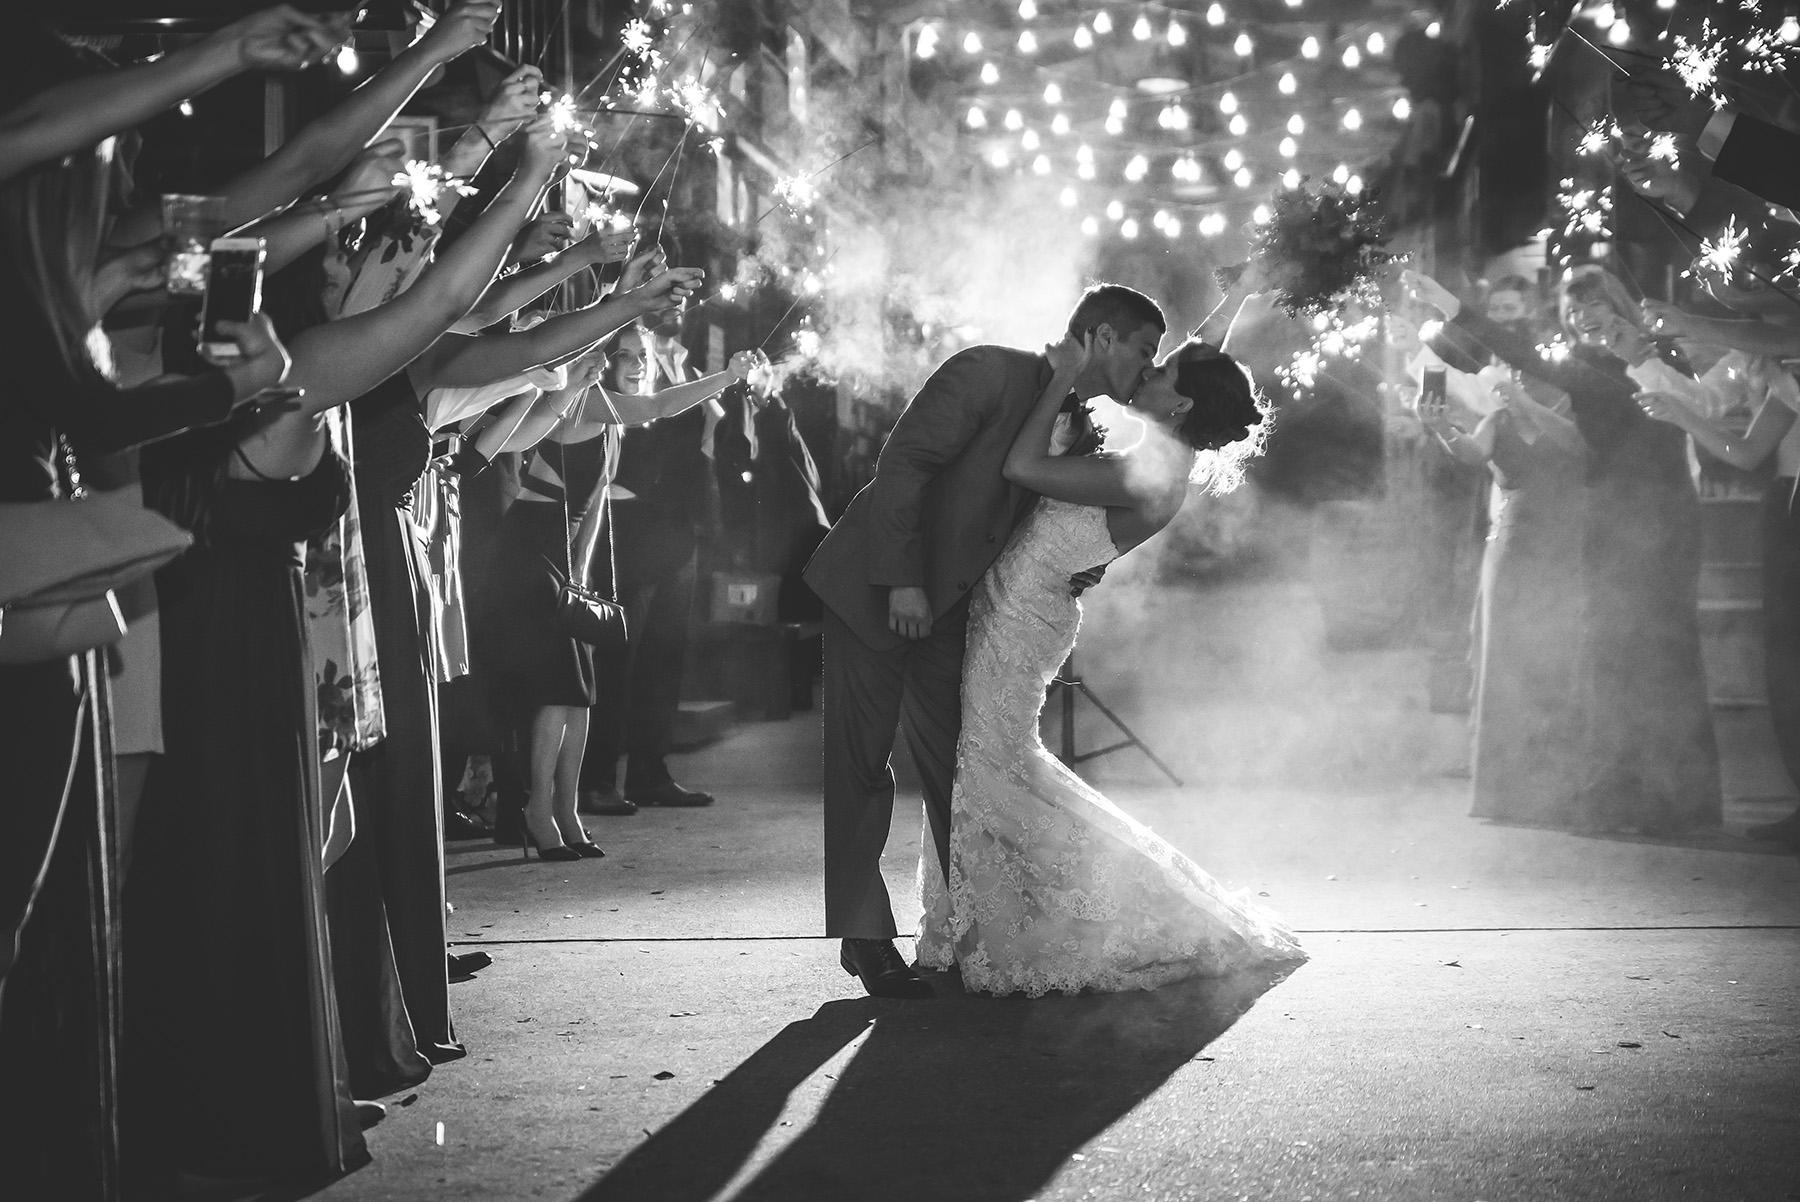 Orlando Wedding Packages - Outdoor Wedding Venue Orlando, FL